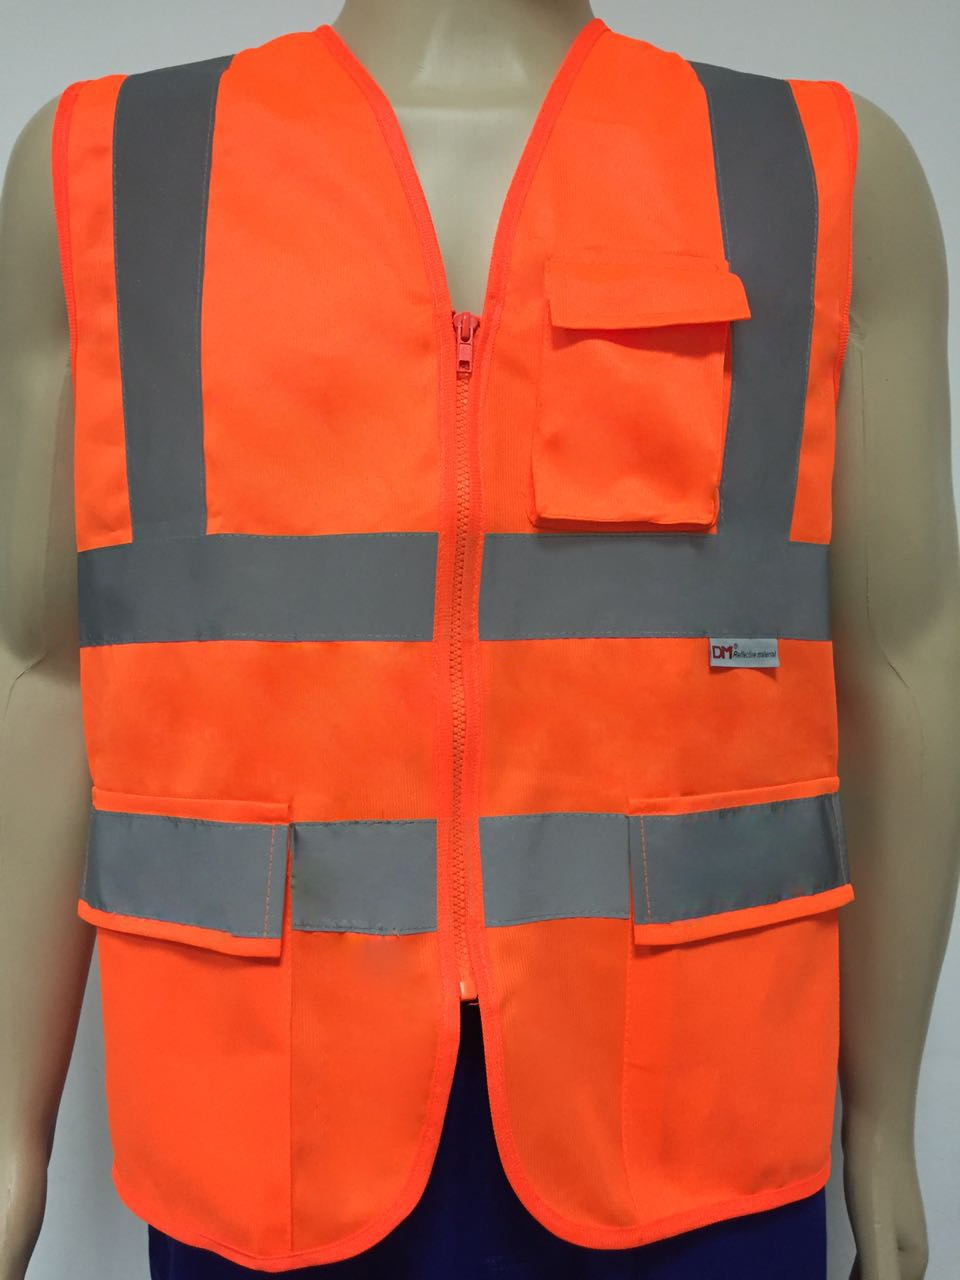 Colete de segurança refletivo laranja com 3 bolsos